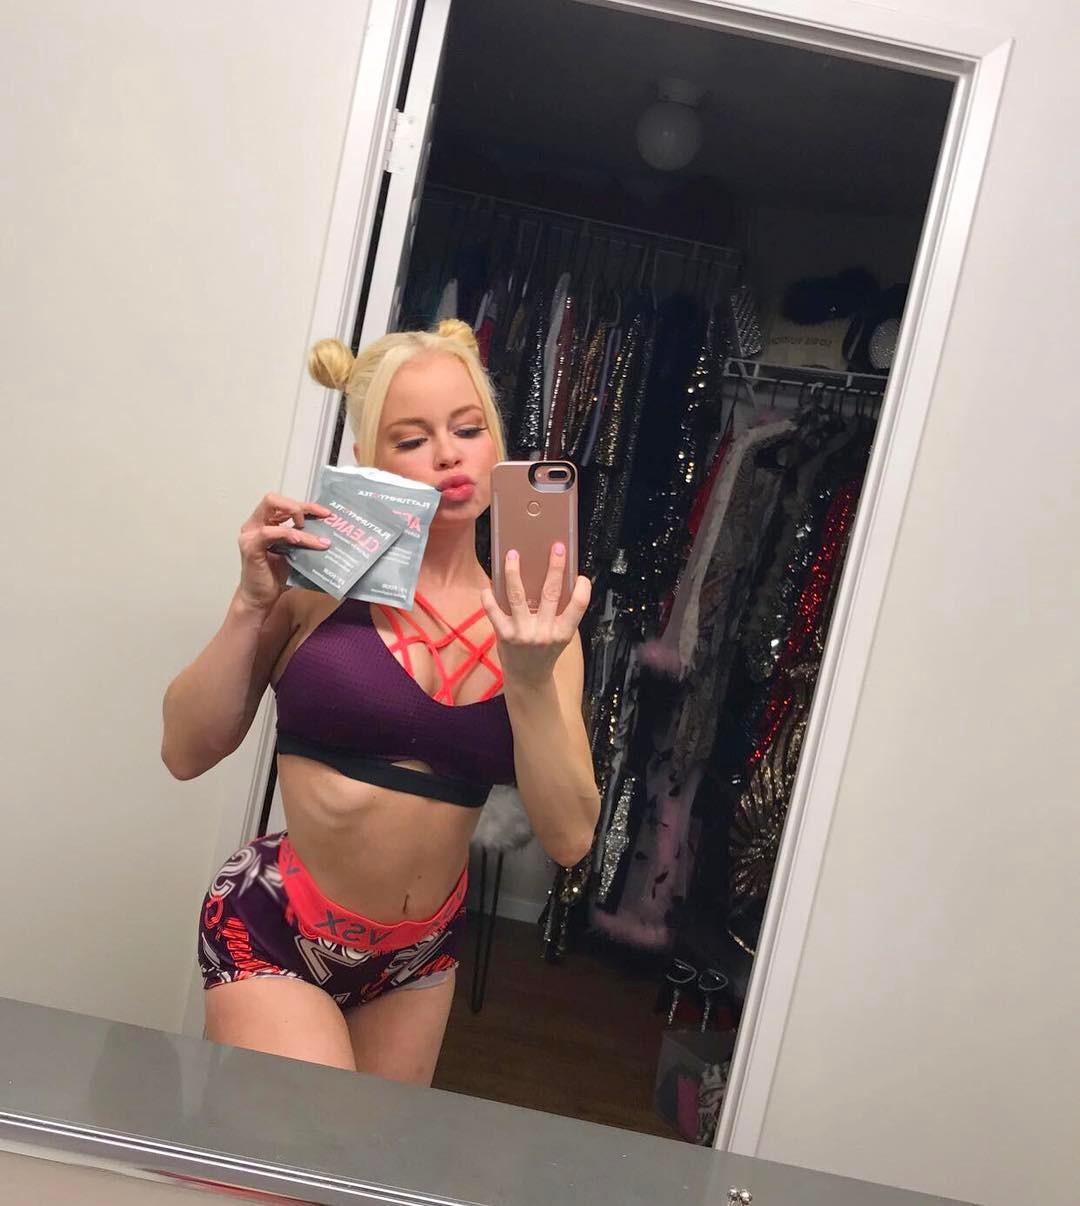 Nikki Delano Instagram username